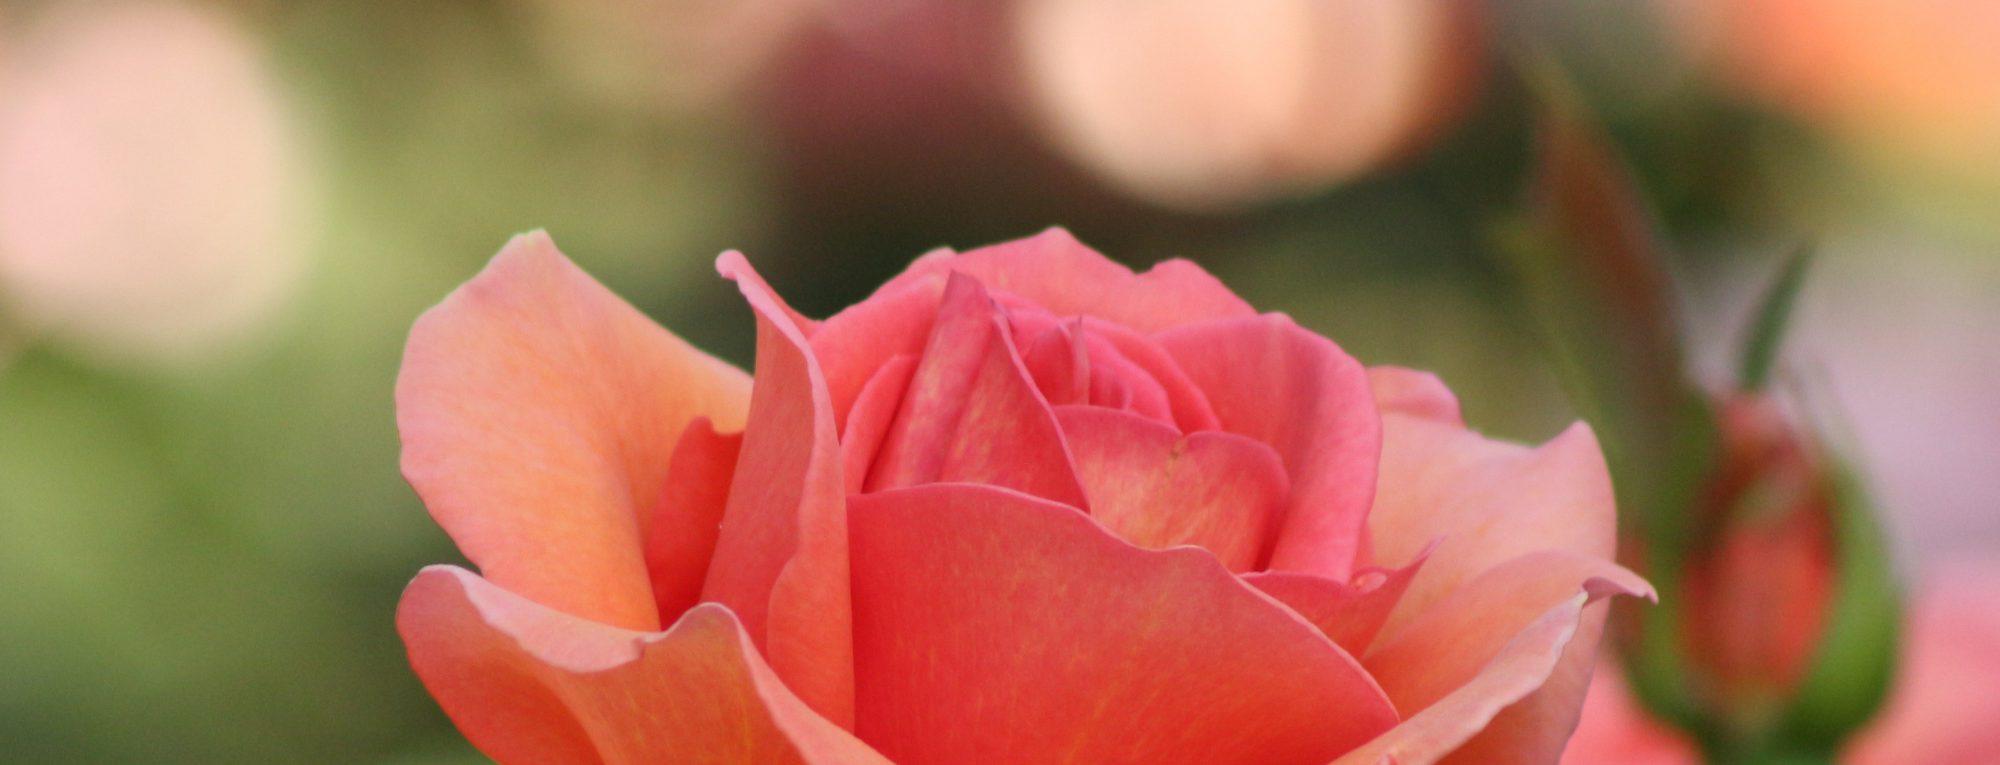 cropped-pexels-photo-459424-e1518992734570.jpeg